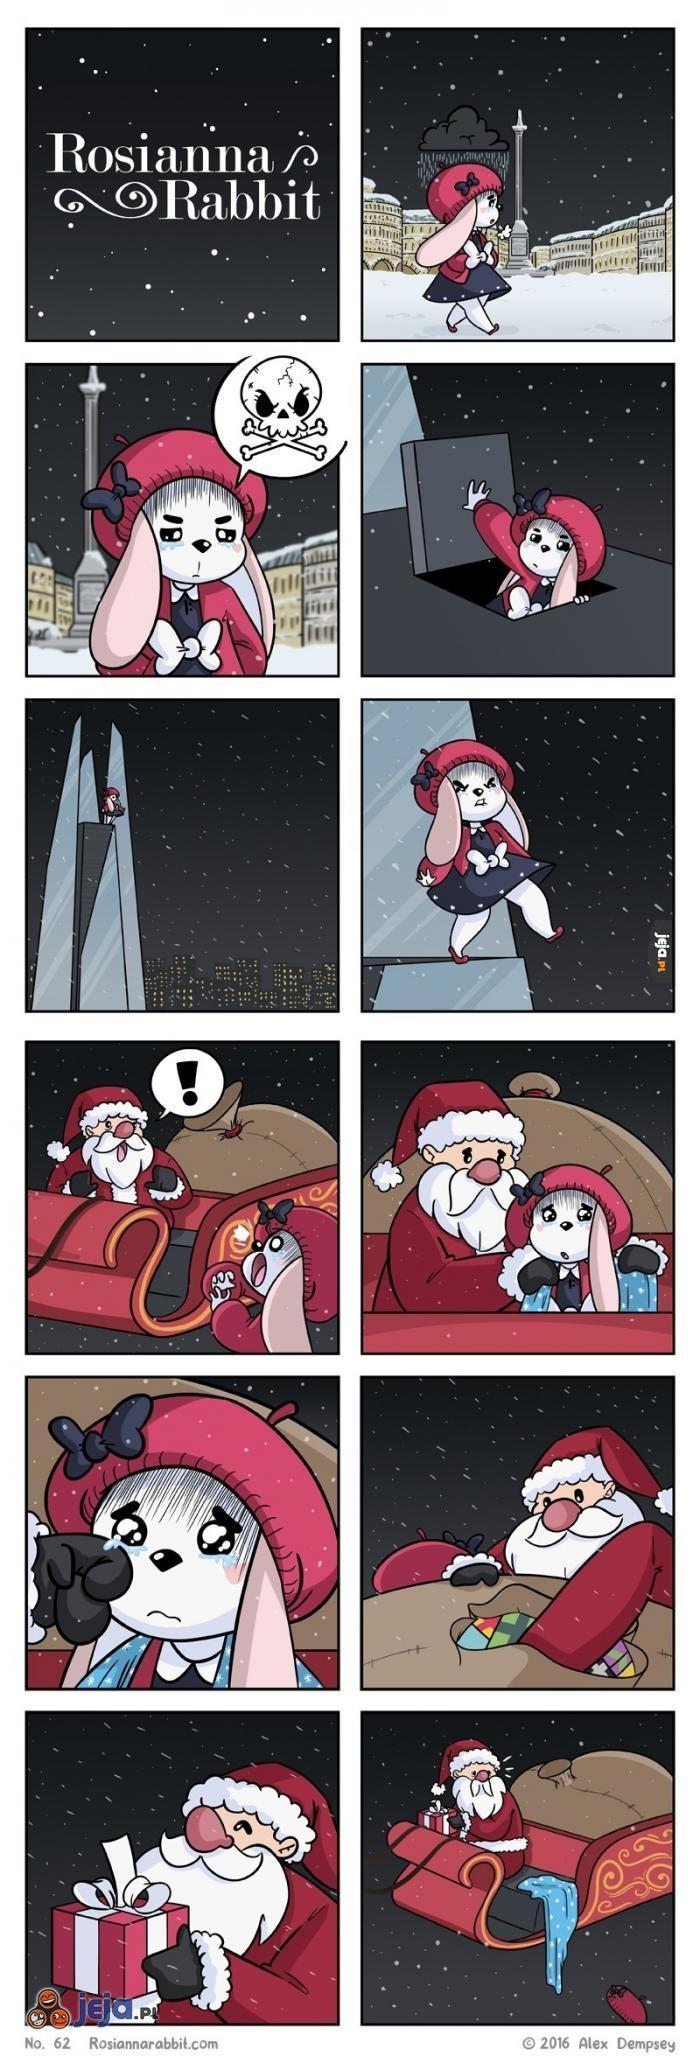 Samobójstwo królika: Rosianna i Mikołaj